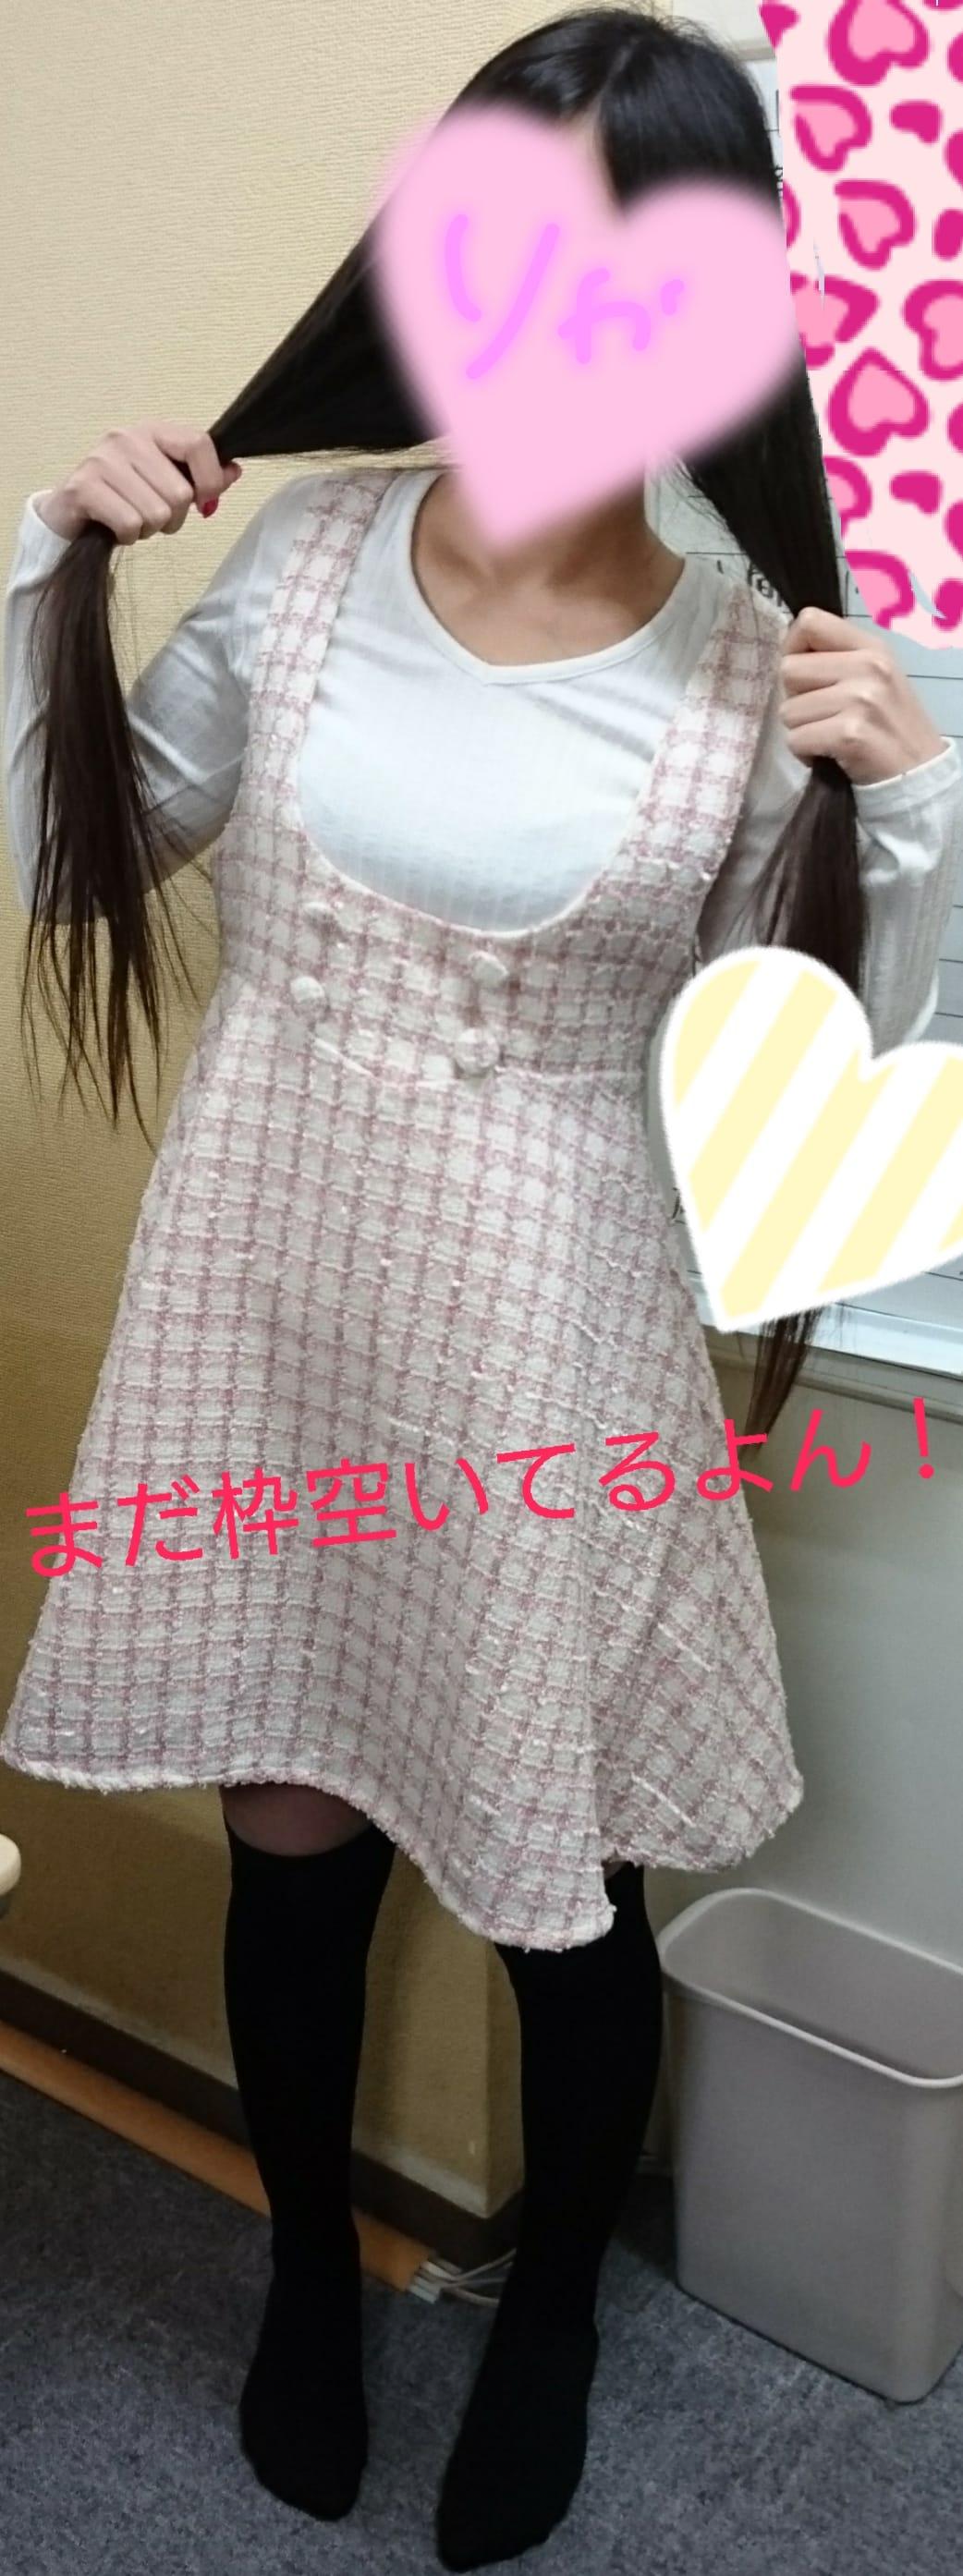 りか「りかです!」01/15(月) 12:19 | りかの写メ・風俗動画